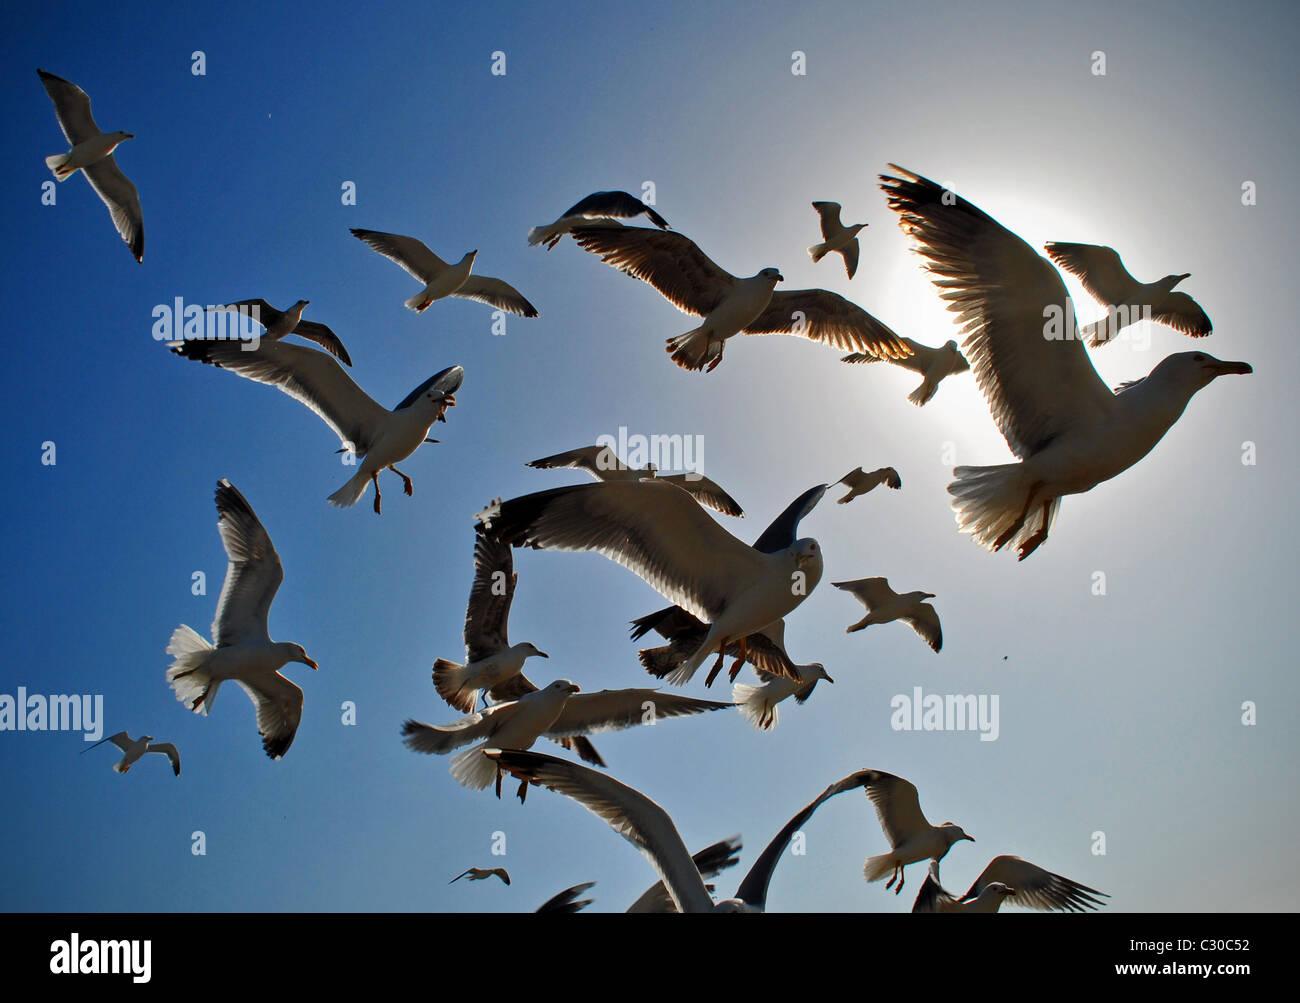 Herde von Möwen im Flug Stockbild